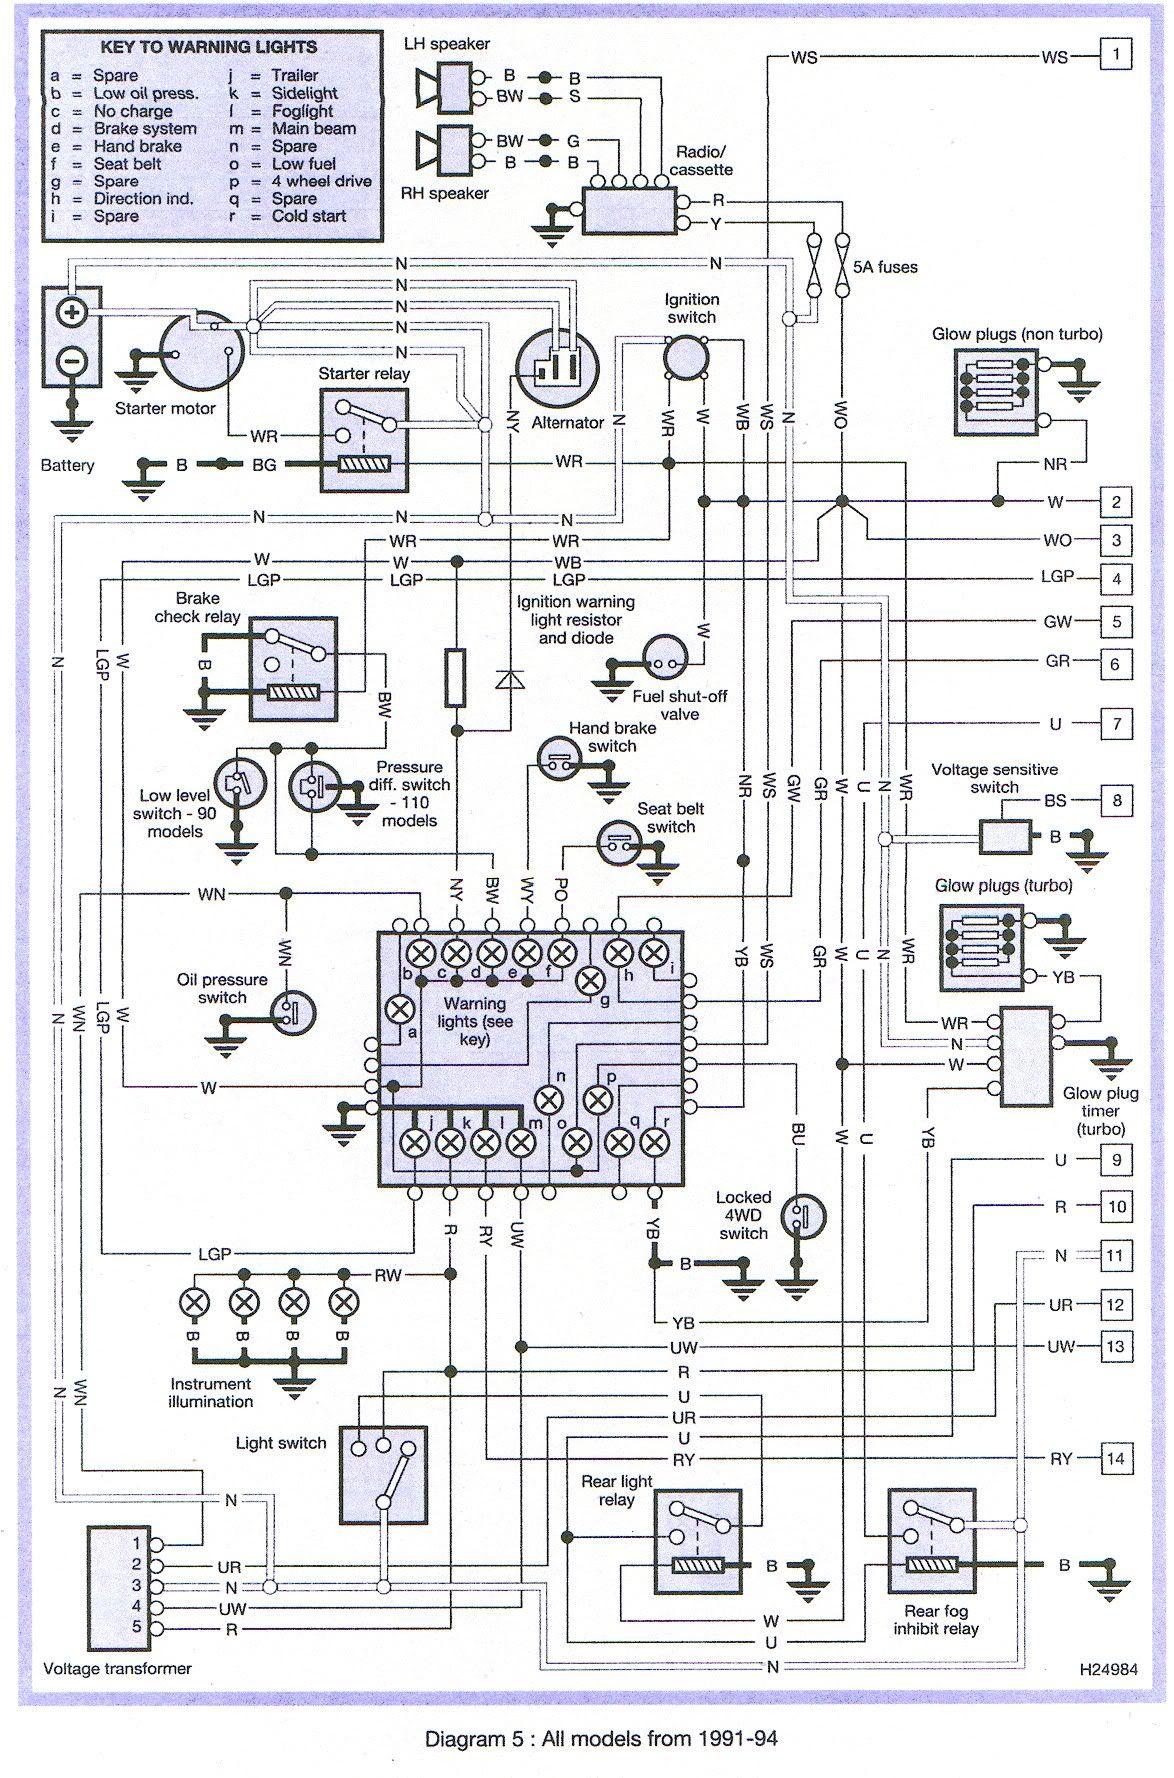 03 f250 wiring diagram 4x4 switch